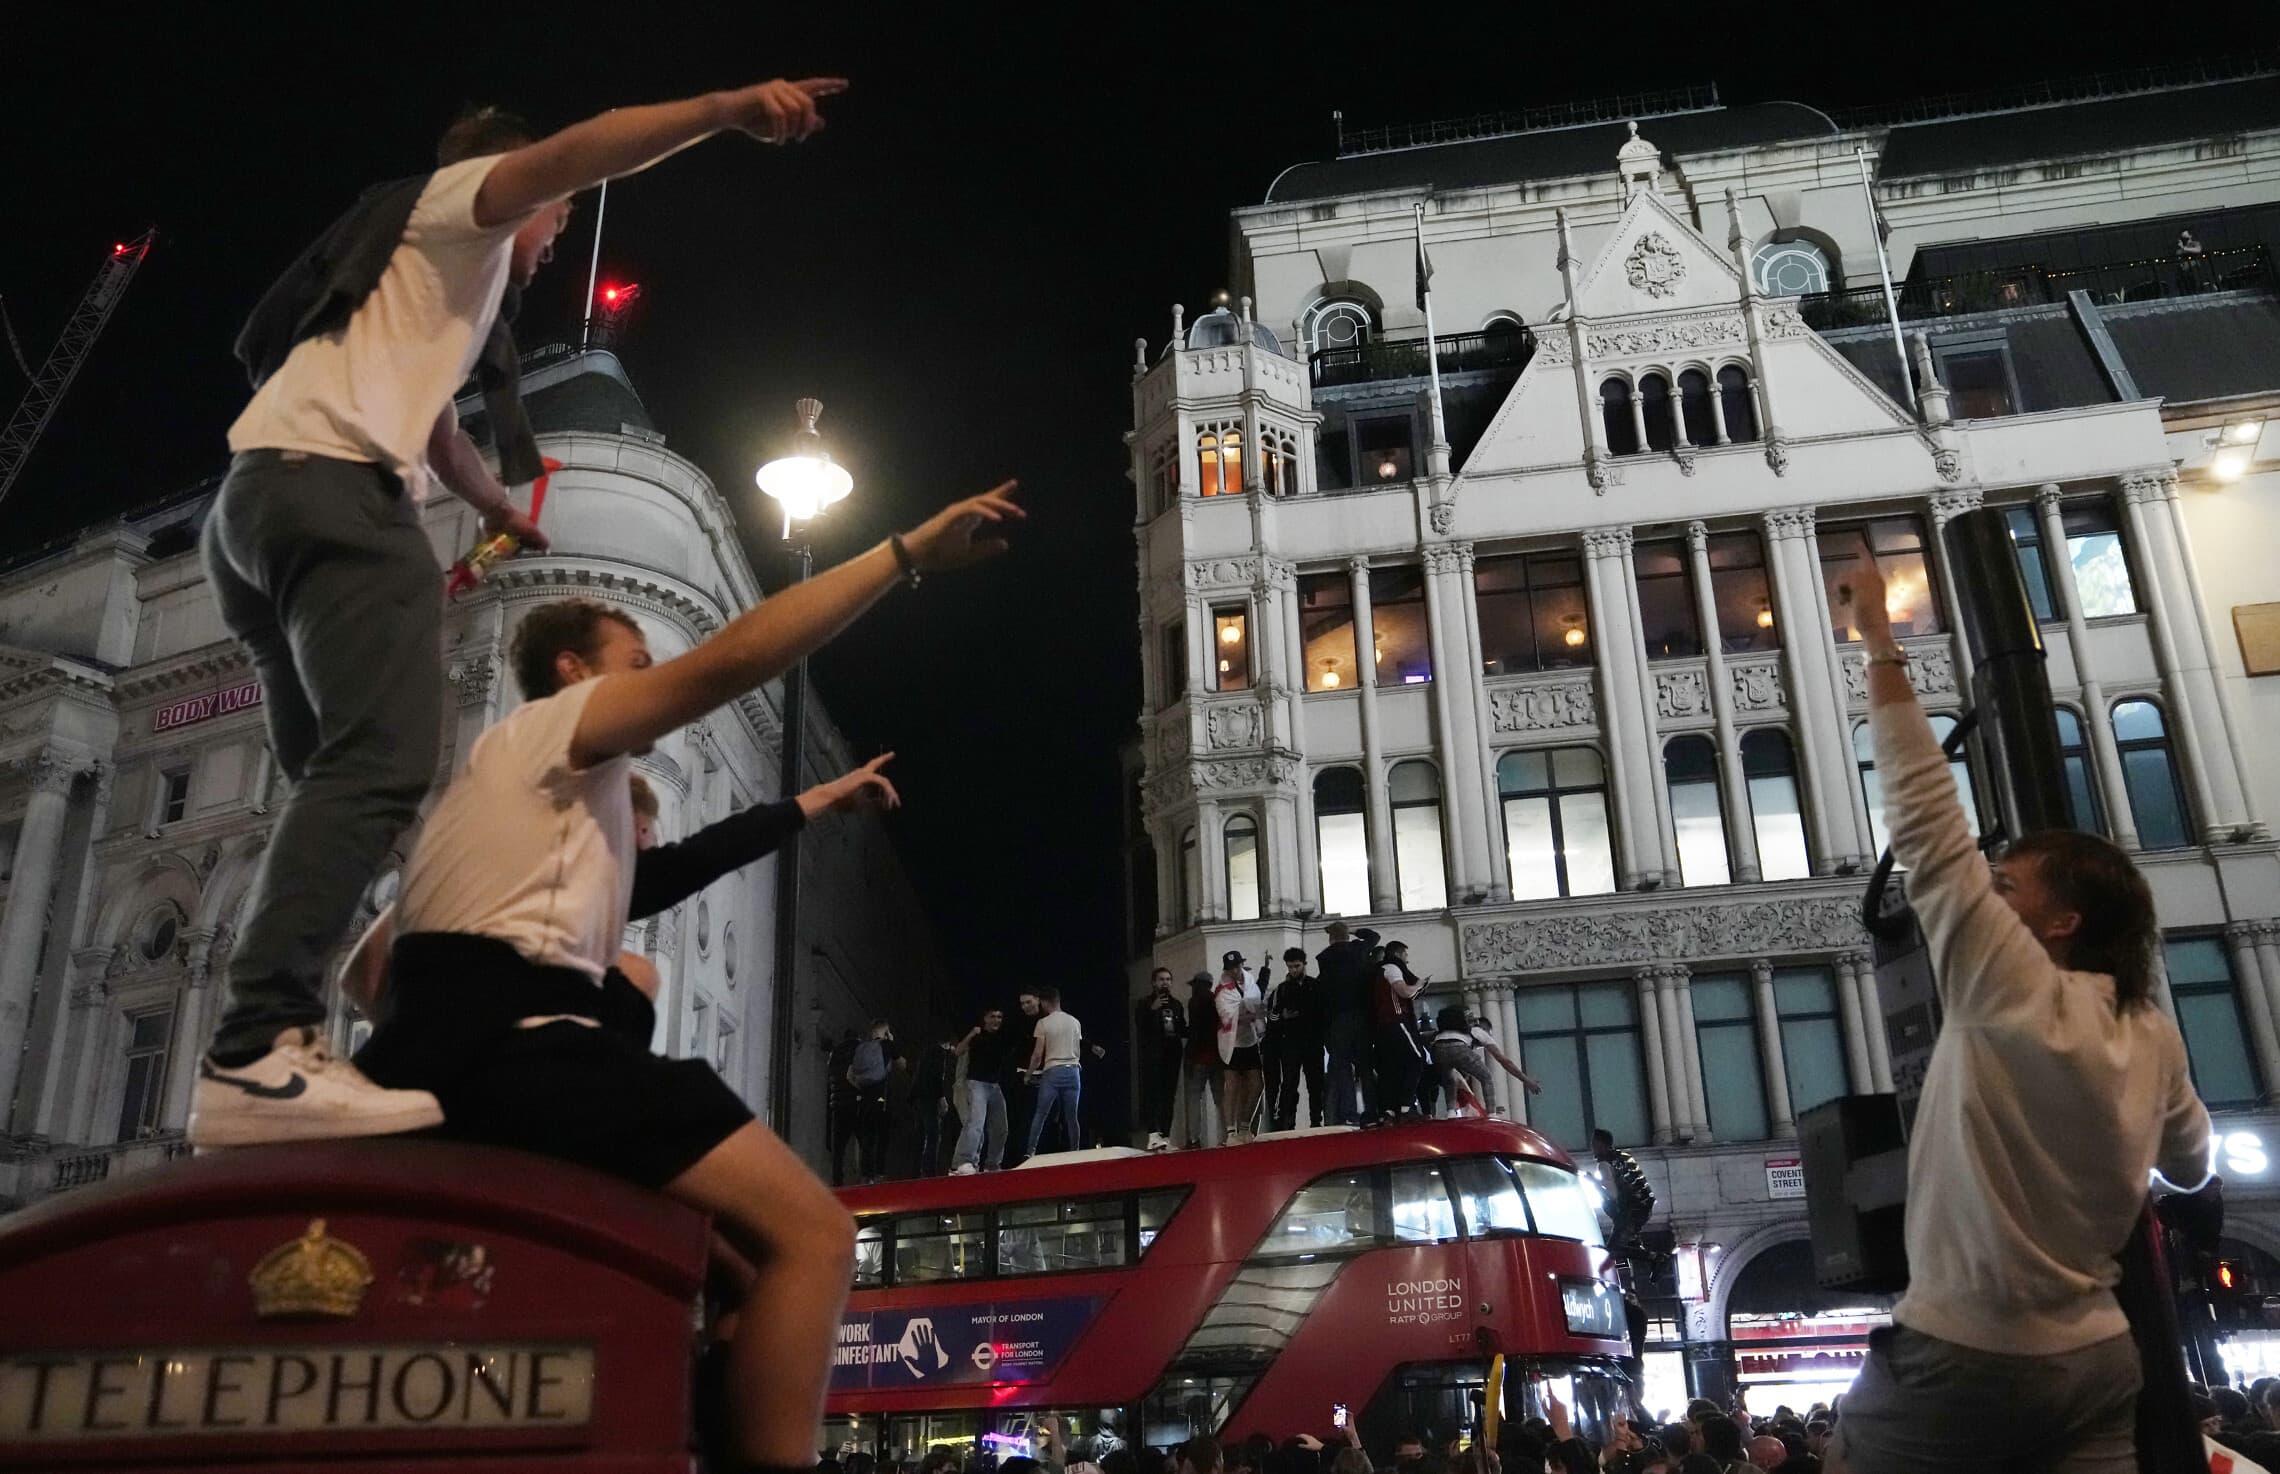 חגיגות ברחובות לונדון אחרי שנבחרת אנגליה עלתה לגמר יורו 2020, 7 ביולי 2021 (צילום: AP Photo/Thanassis Stavrakis)